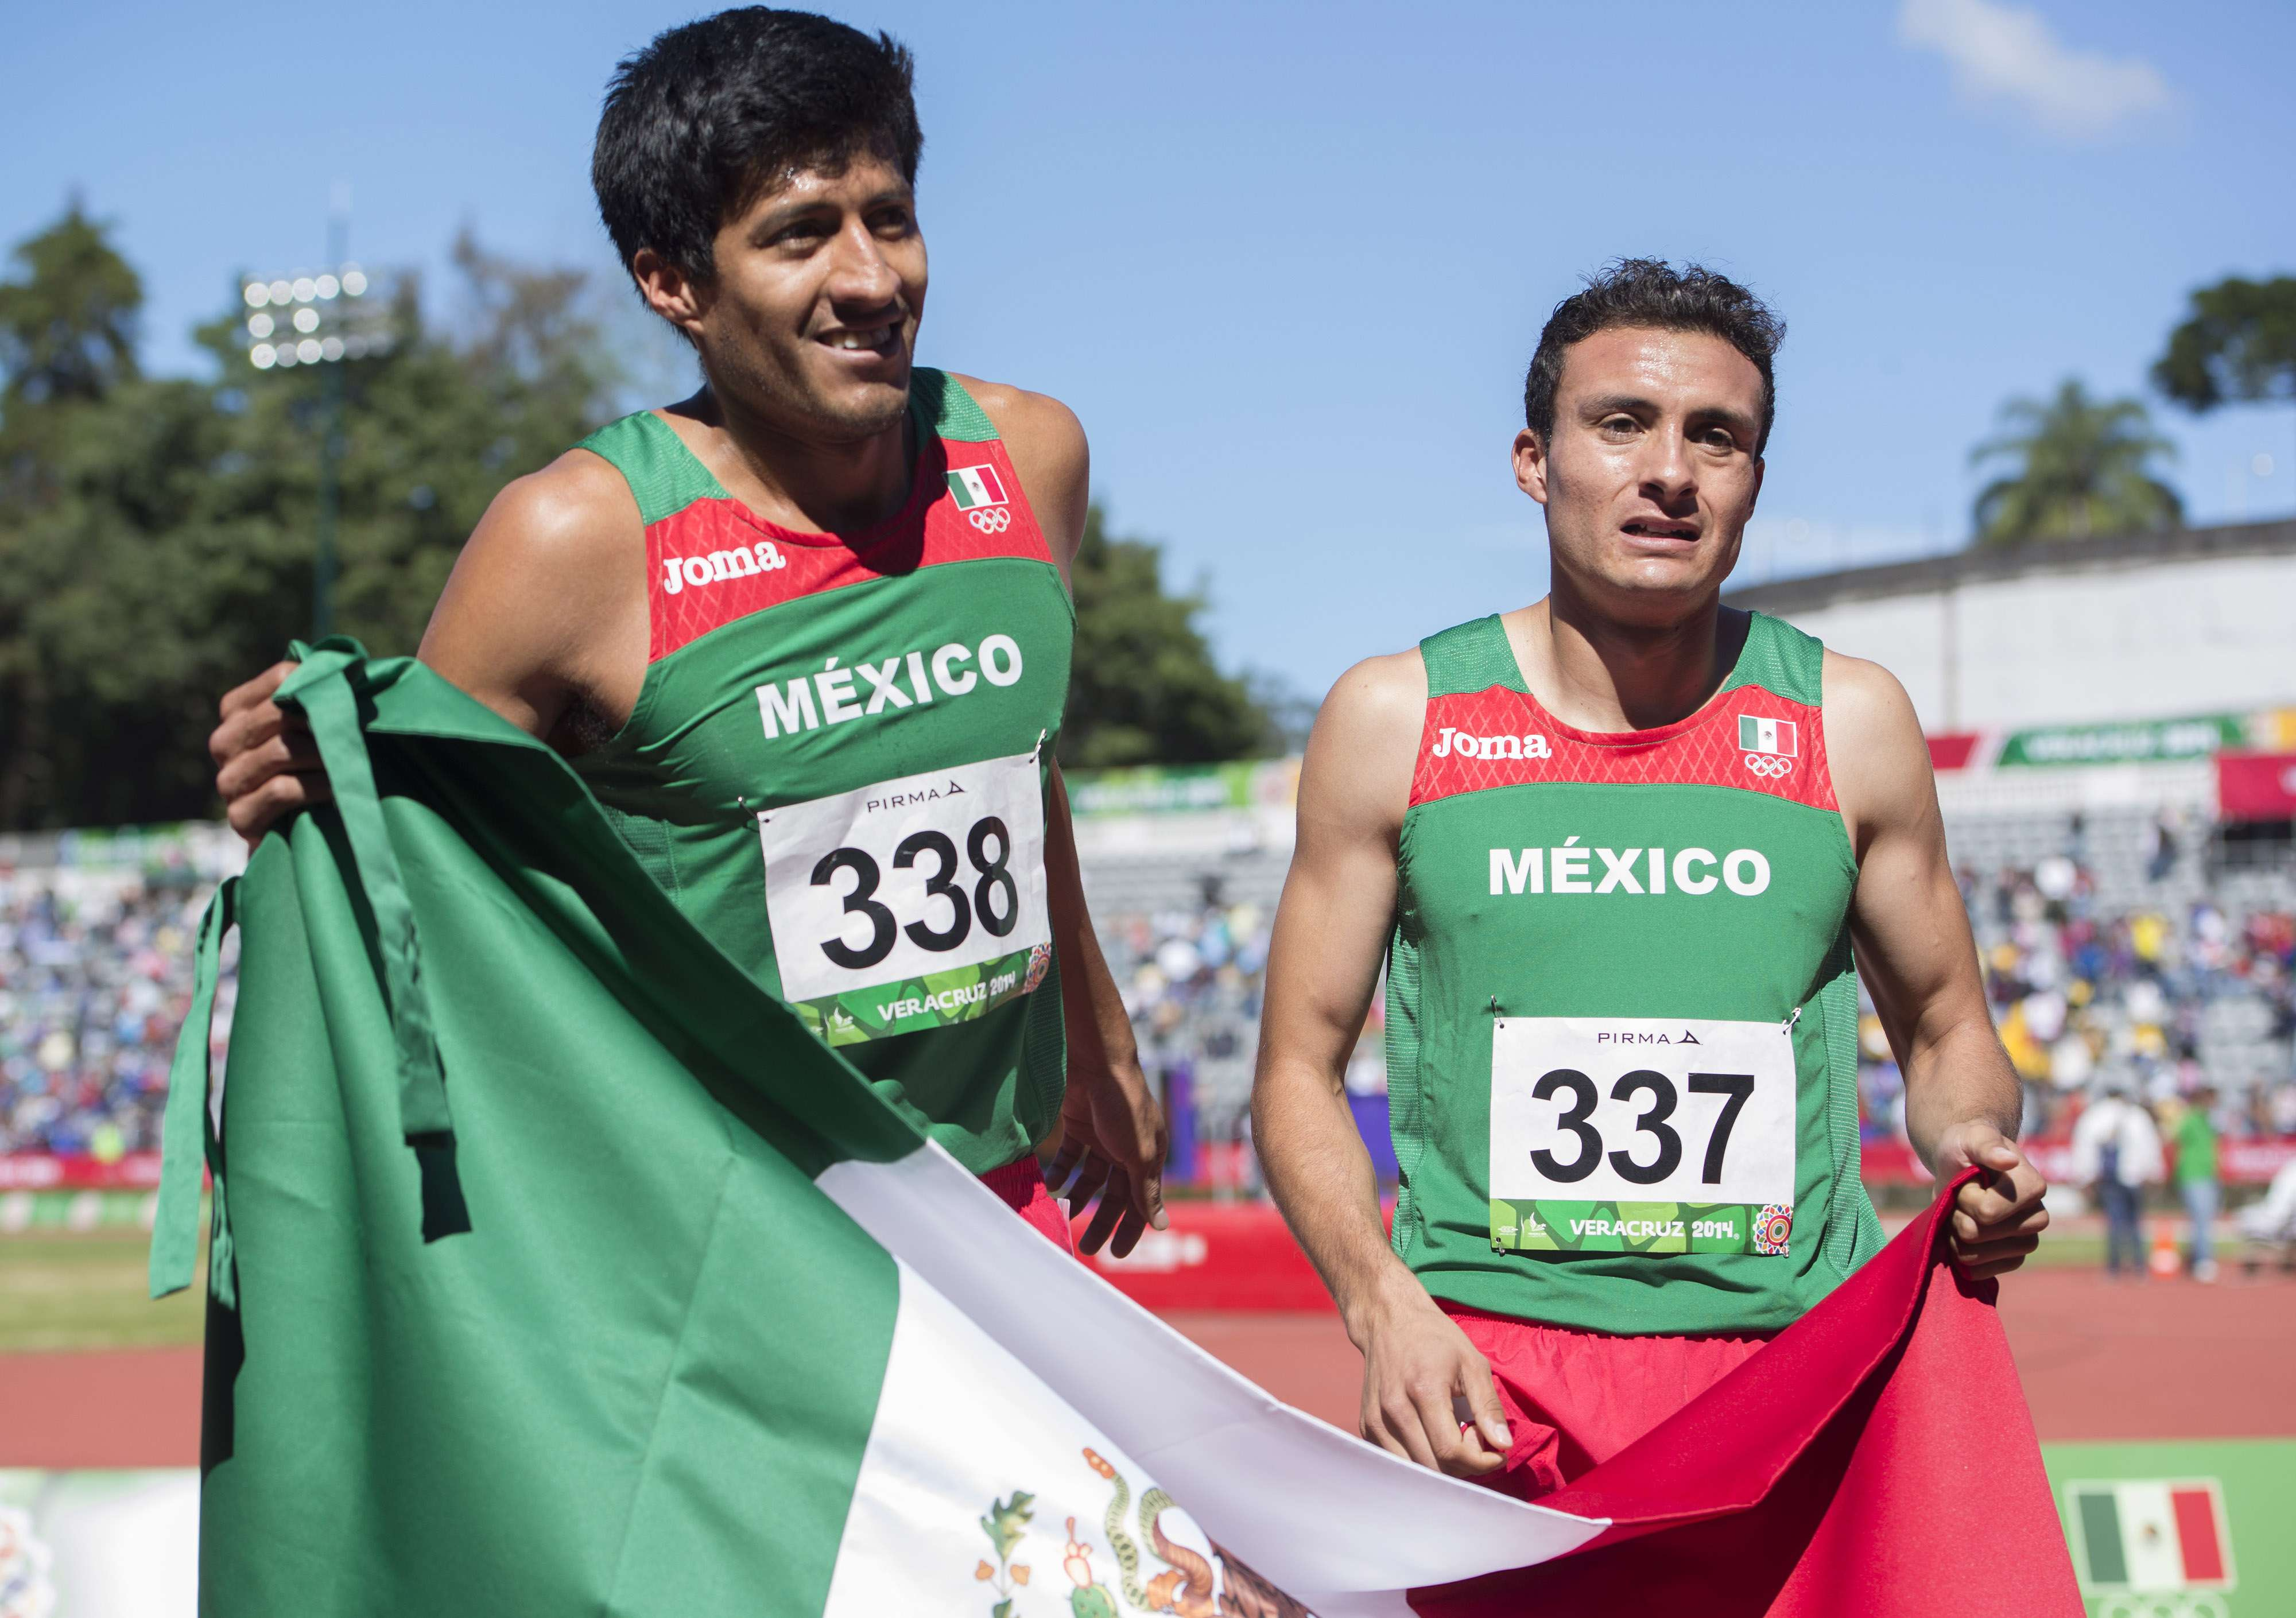 Solares y Sandoval festejan con la bandera de México. Foto: Mexsport